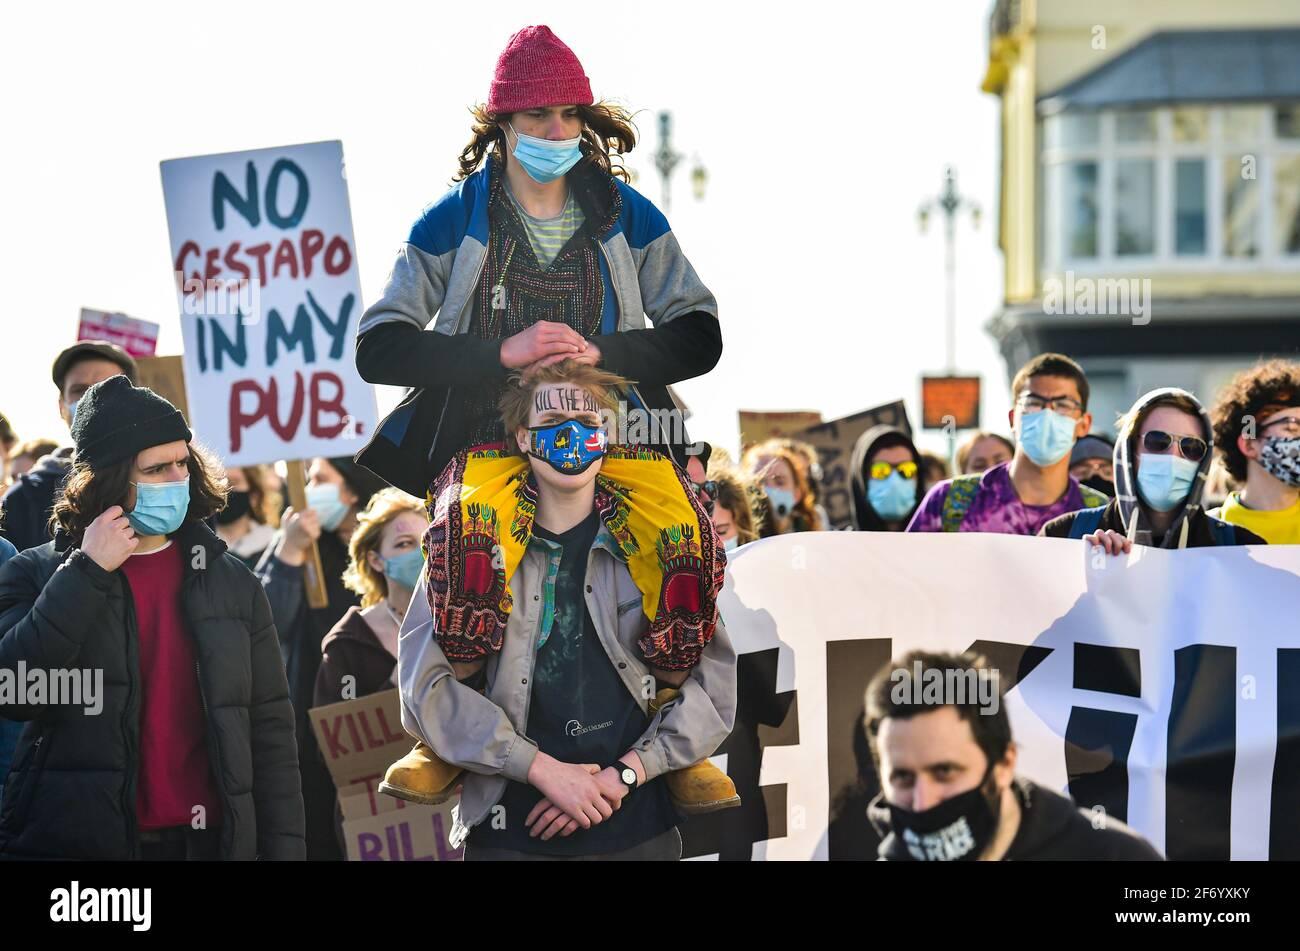 """Brighton Reino Unido 3rd de abril de 2021 - cientos de manifestantes de """"matar el proyecto de ley"""" marchan a través de Brighton en protesta contra los gobiernos polémico nuevo proyecto de ley que daría a la policía poderes para atacar la protesta pacífica: Crédito Simon Dack / Alamy Live News Foto de stock"""